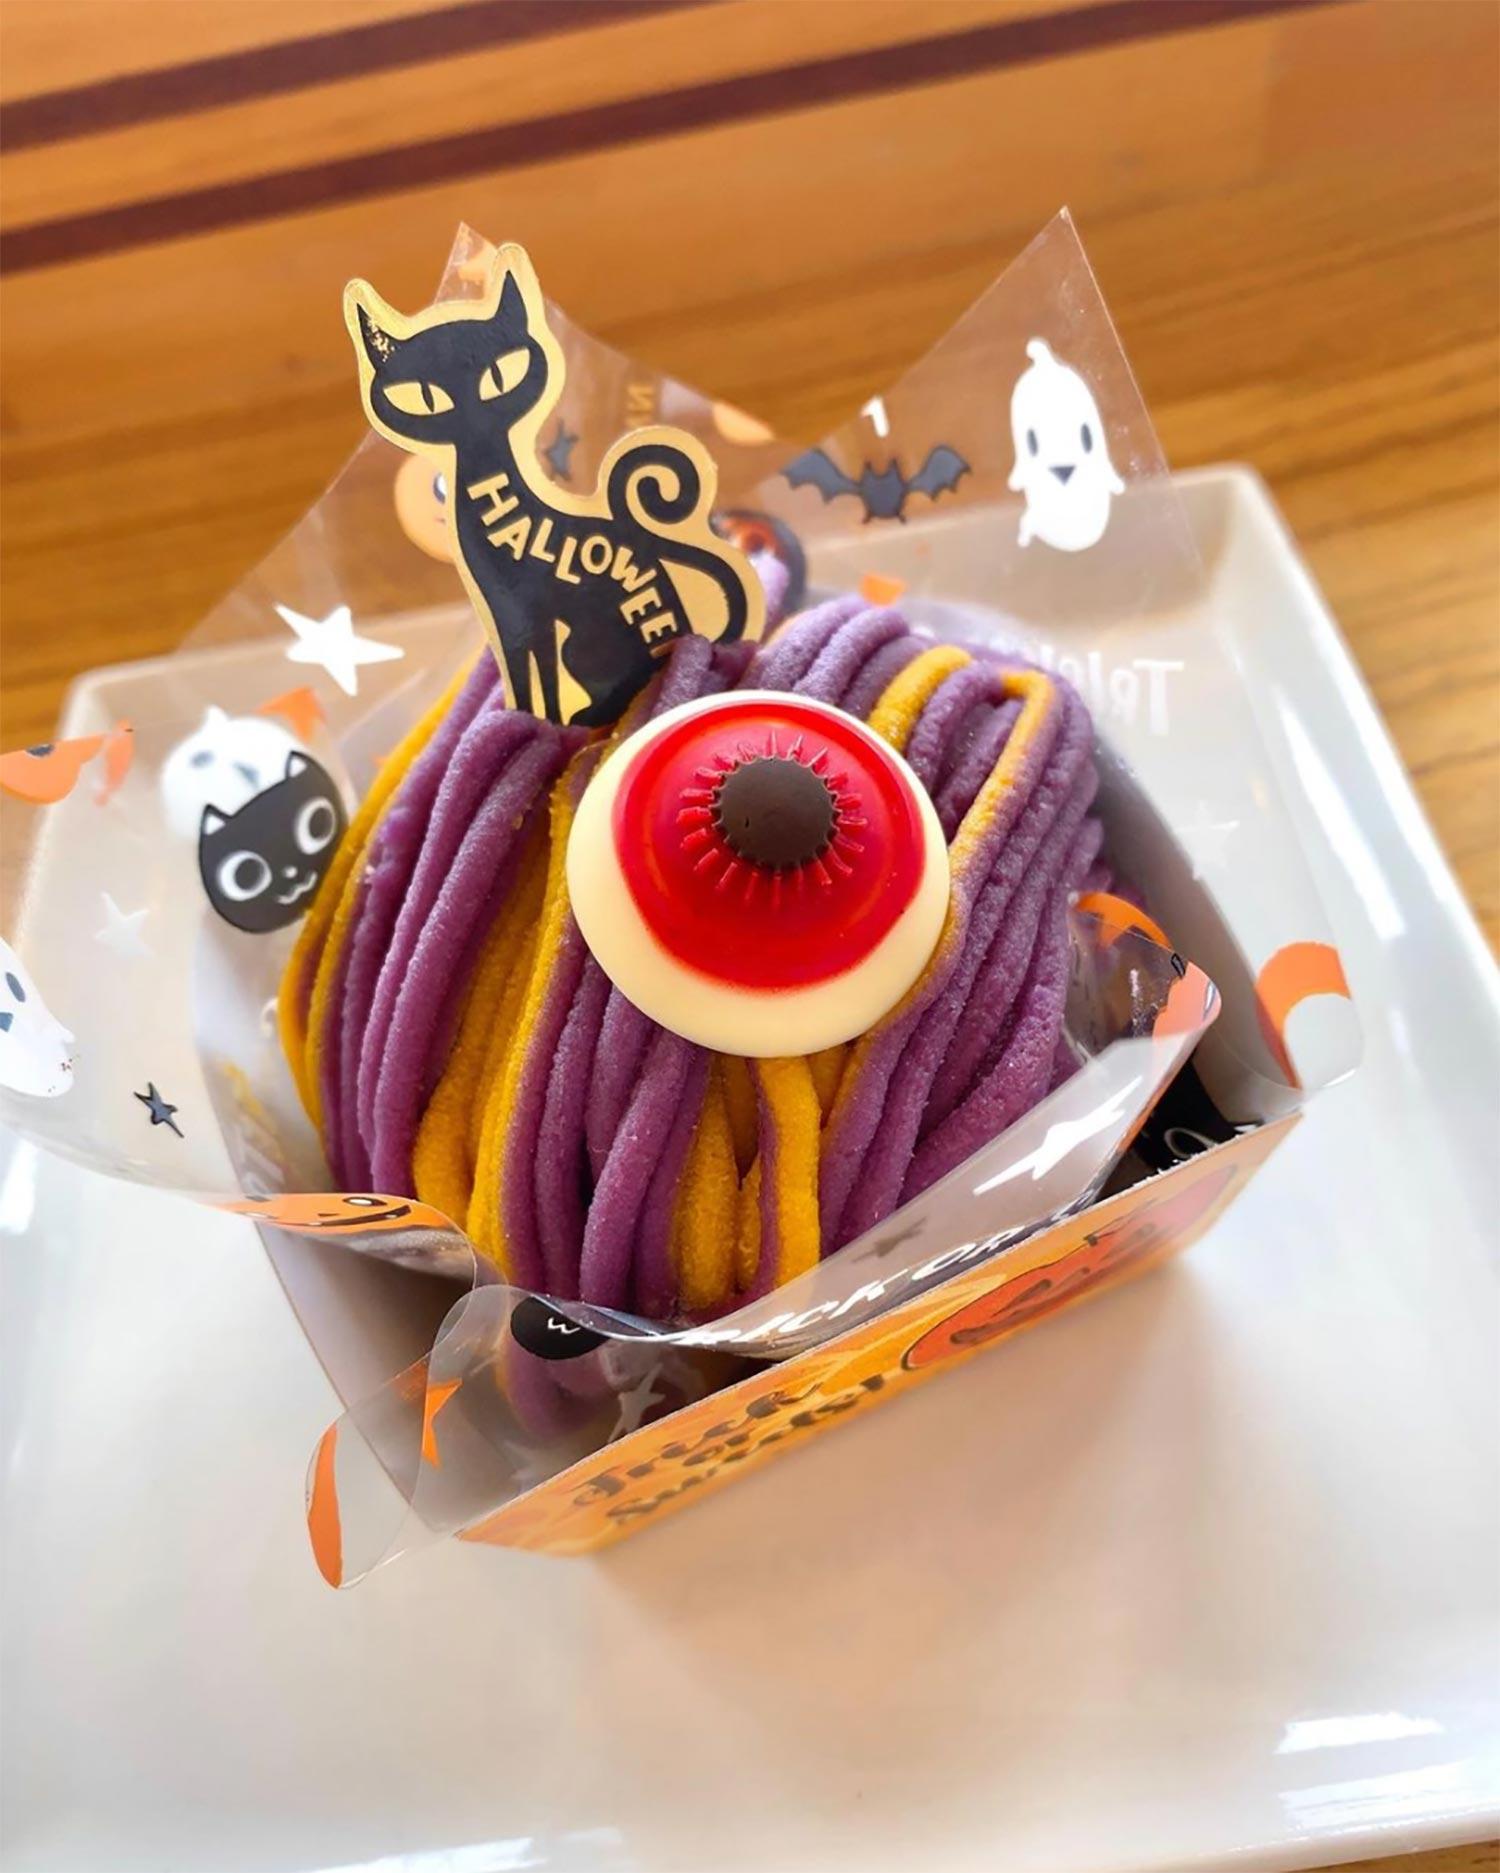 ハロウィン限定ケーキ「おばけモンブラン」